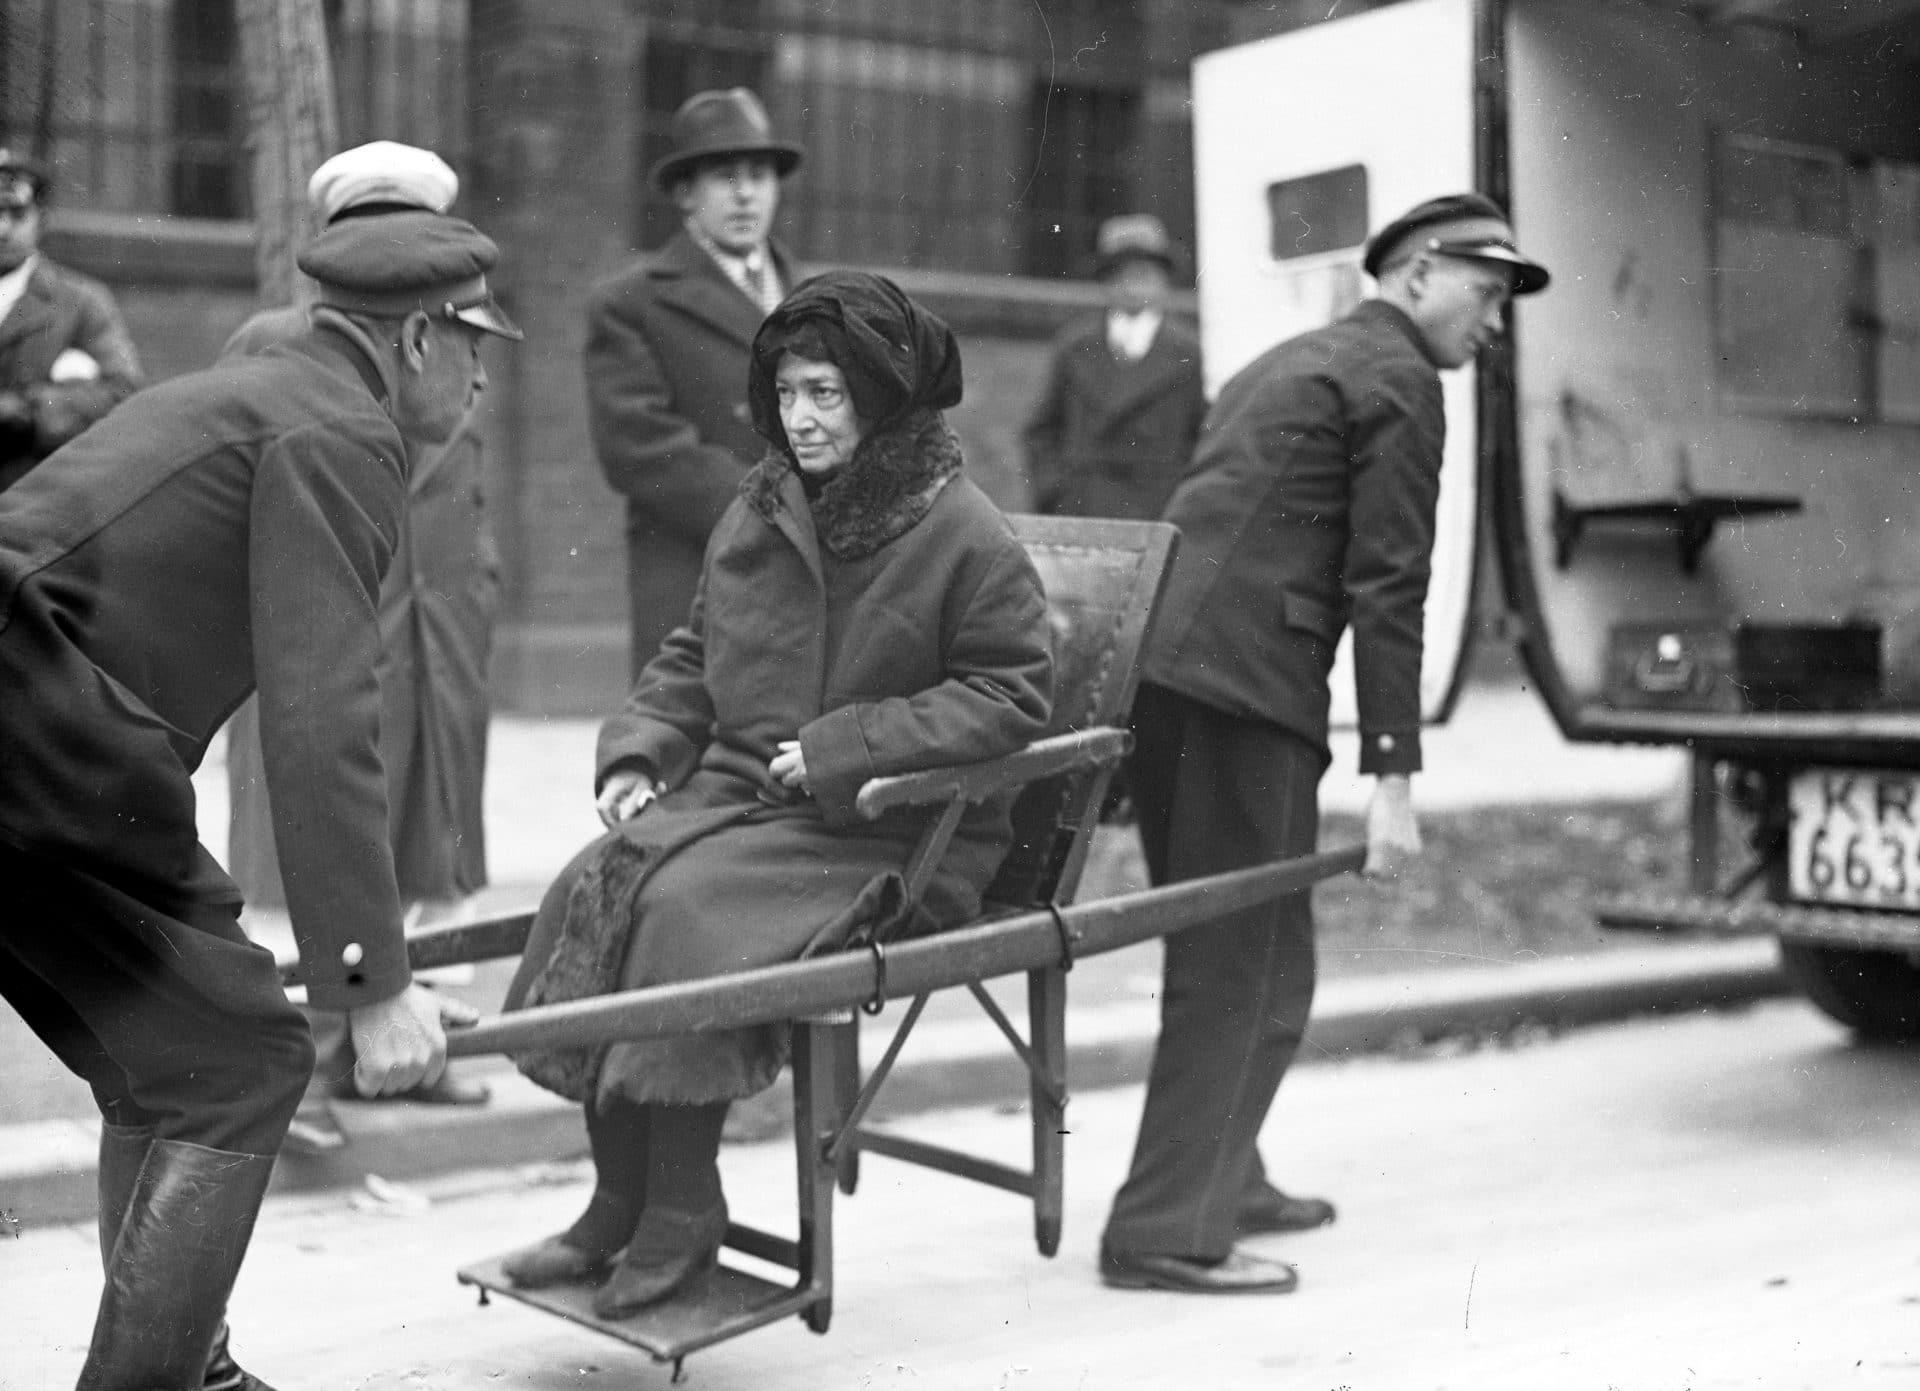 Córka Süskindów, która przeżyła napad w drodze na salę sądową. Źródło: Narodowe Archiwum Cyfrowe.